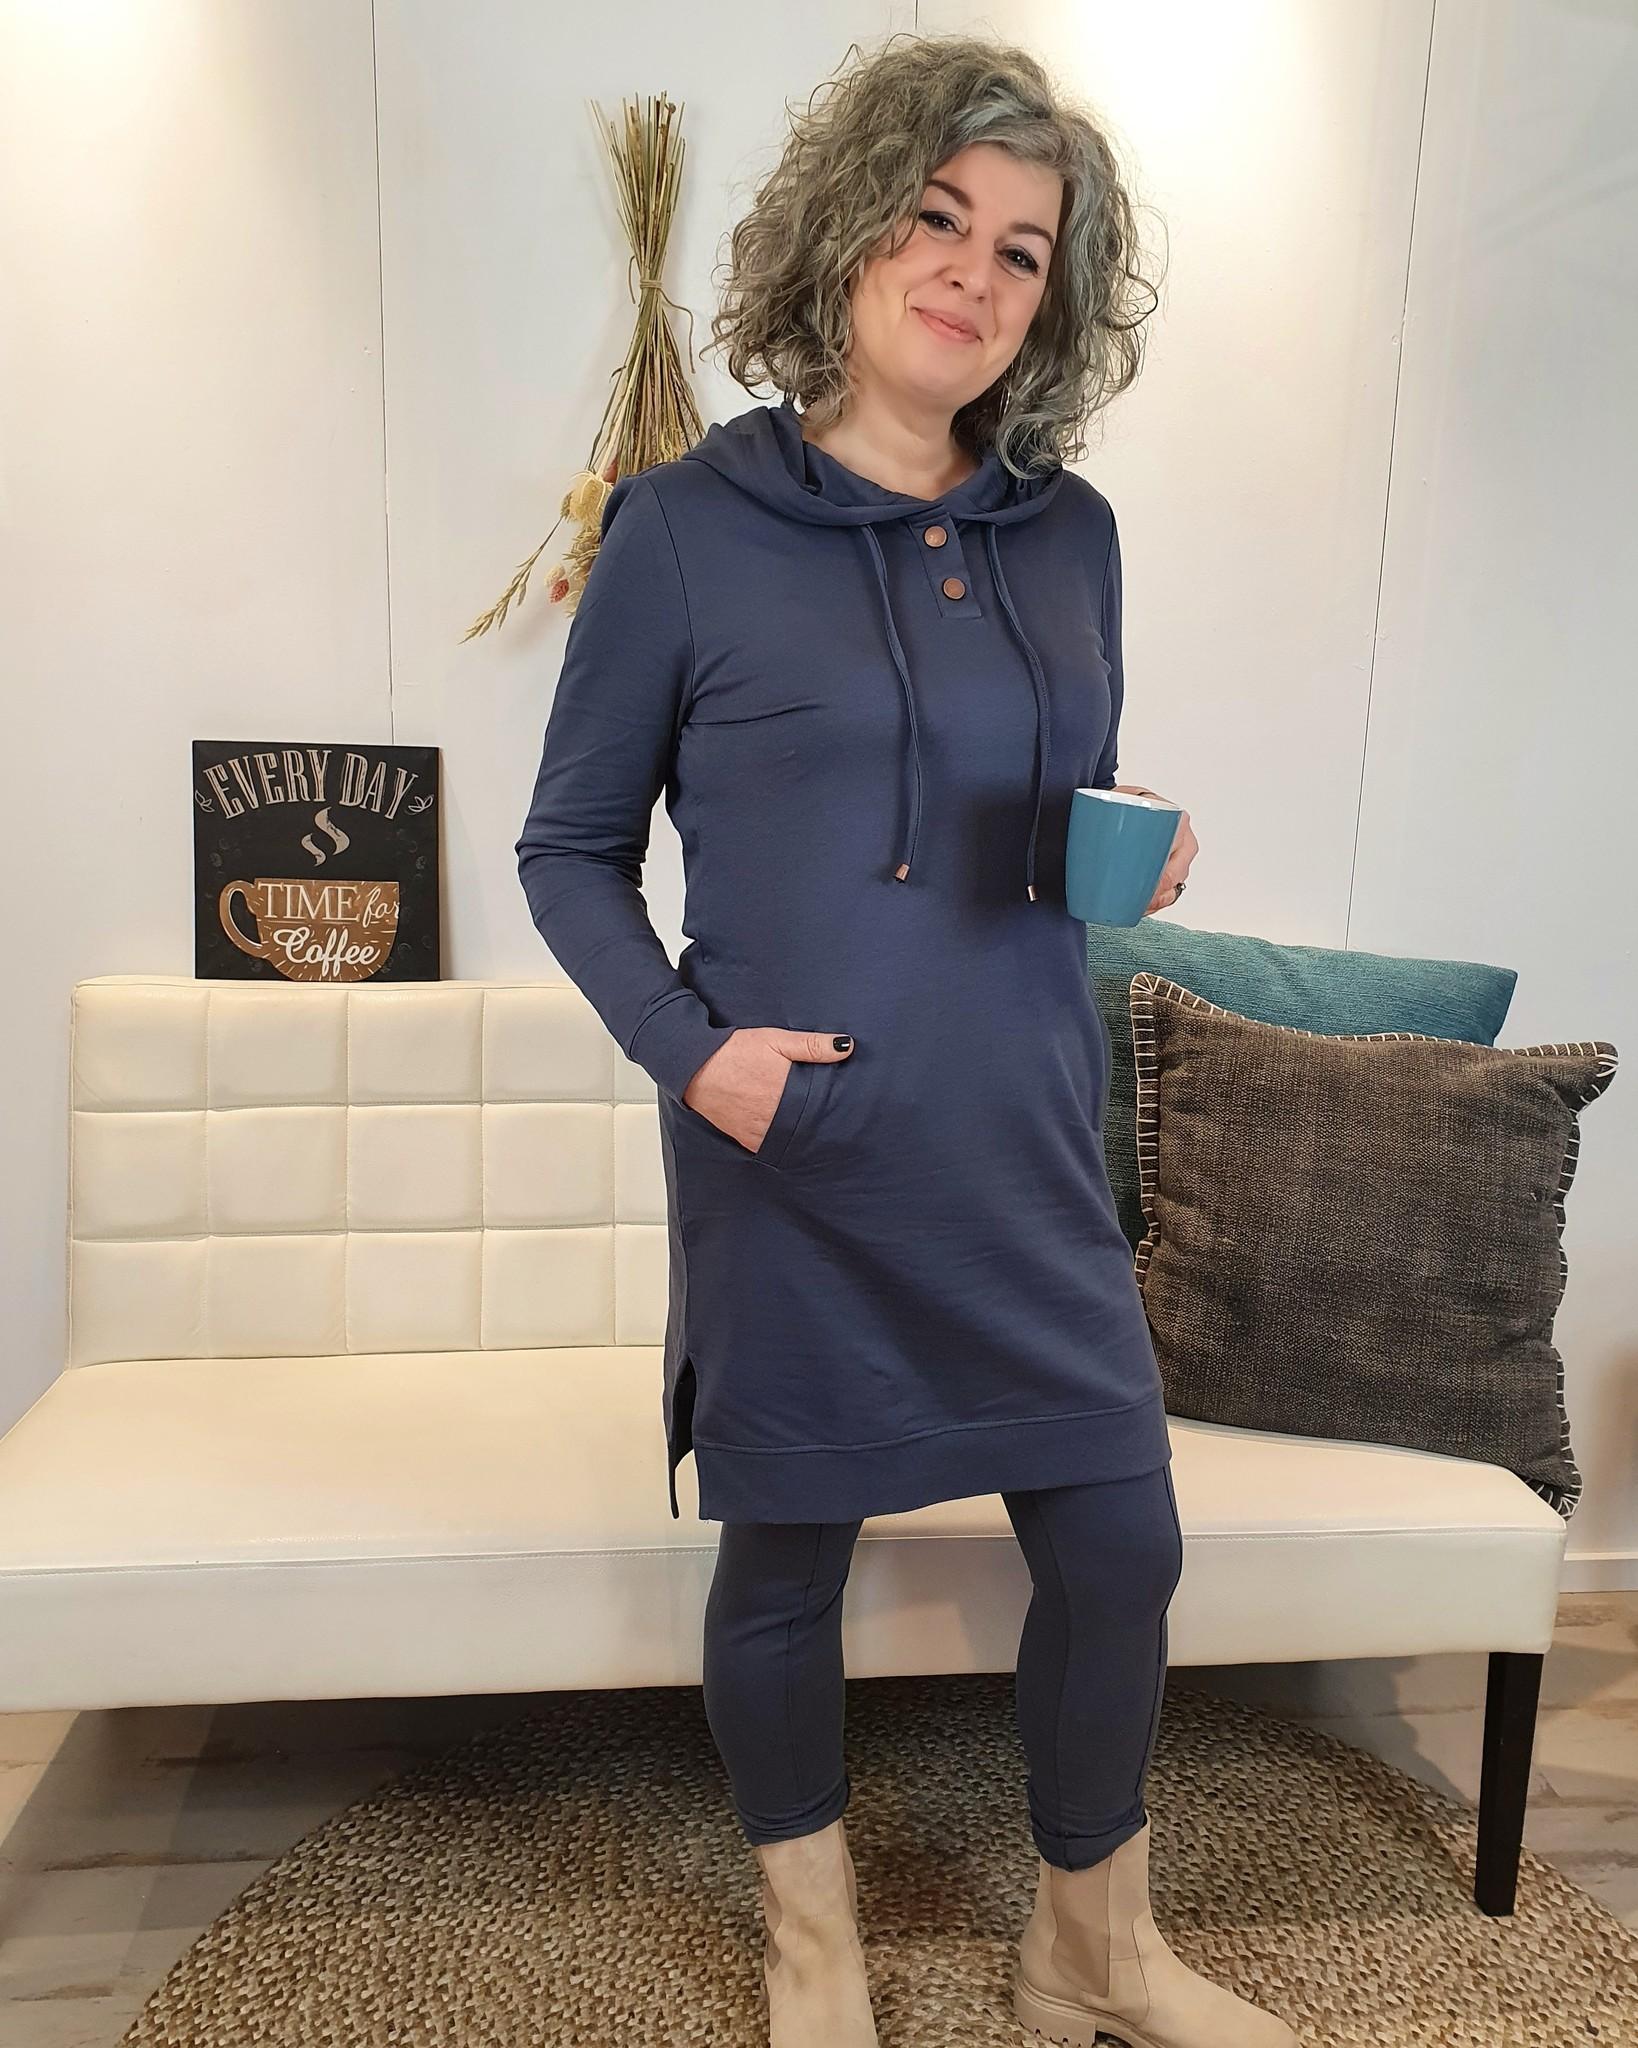 Zoso Zoso Nina Luxury sporty Hooded tunic  shadow blue/ copper